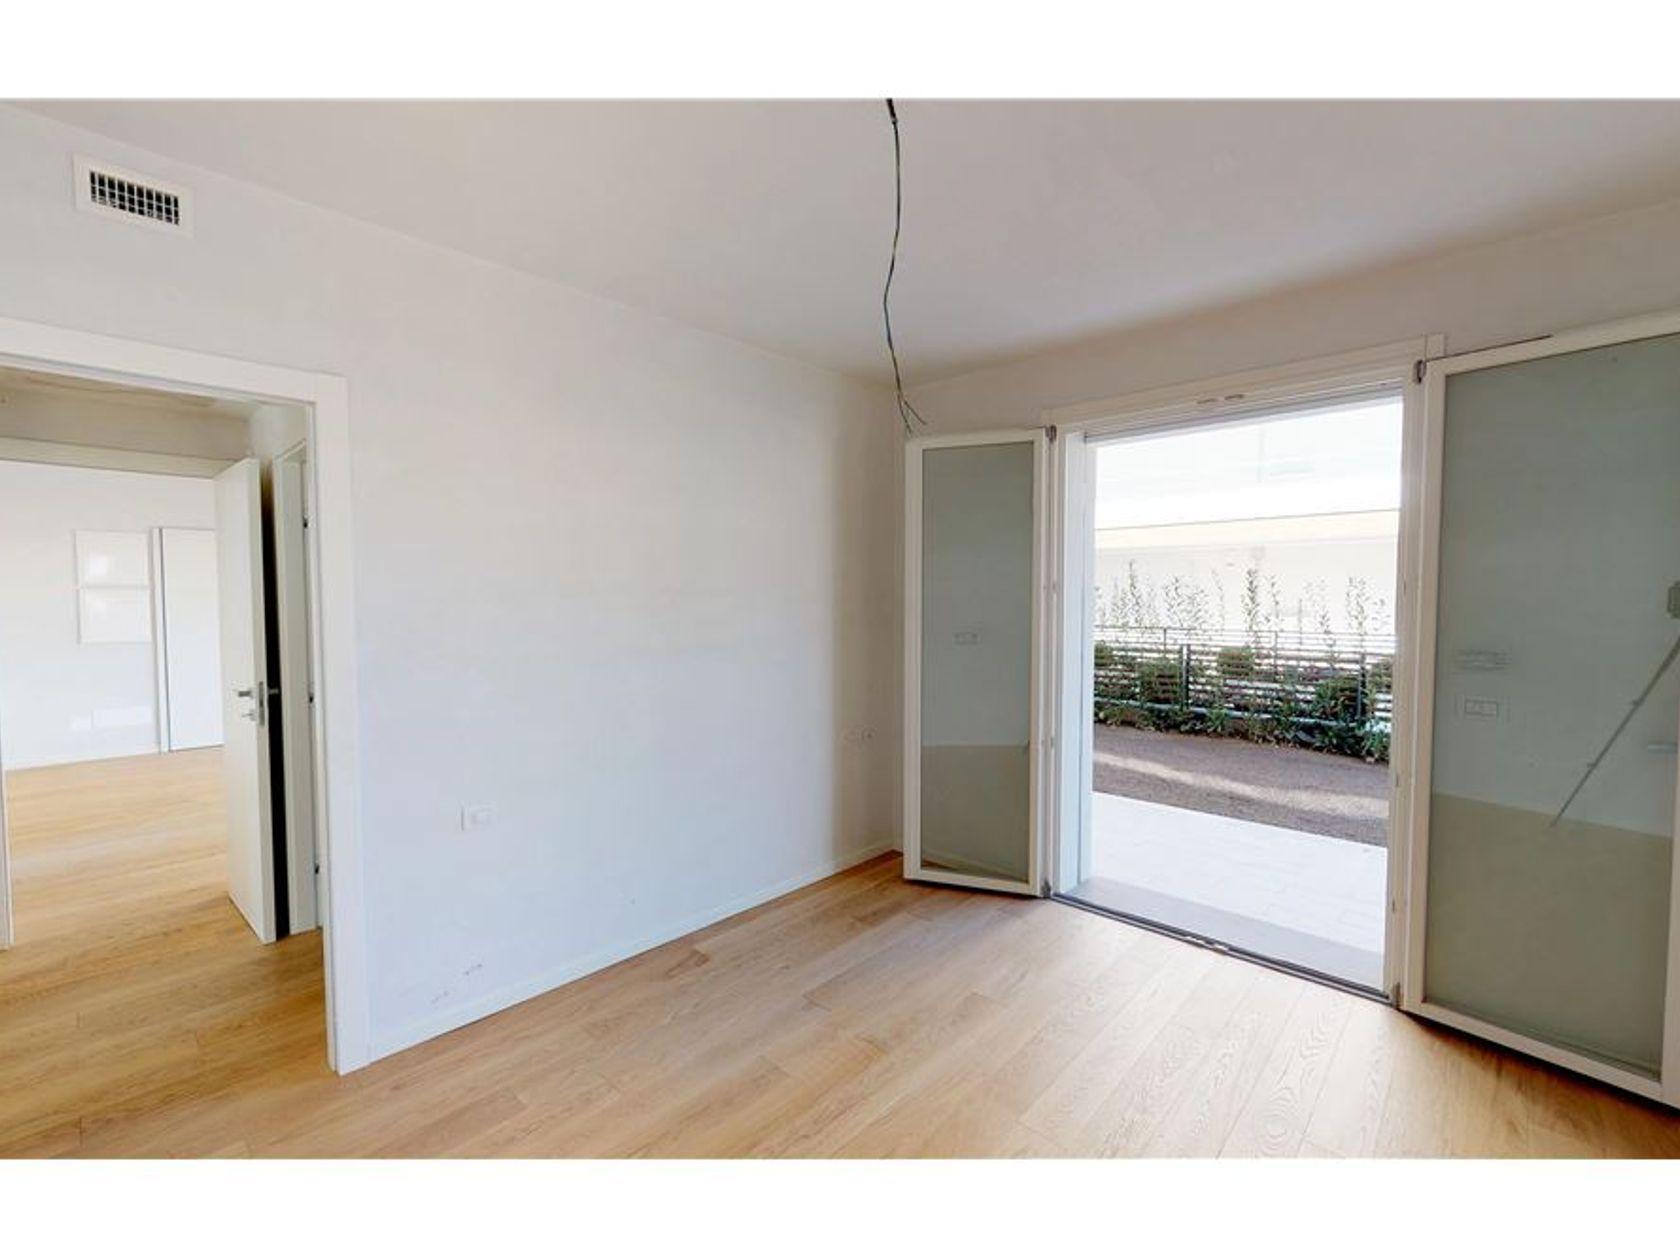 Appartamento Parabiago, MI Vendita - Foto 8